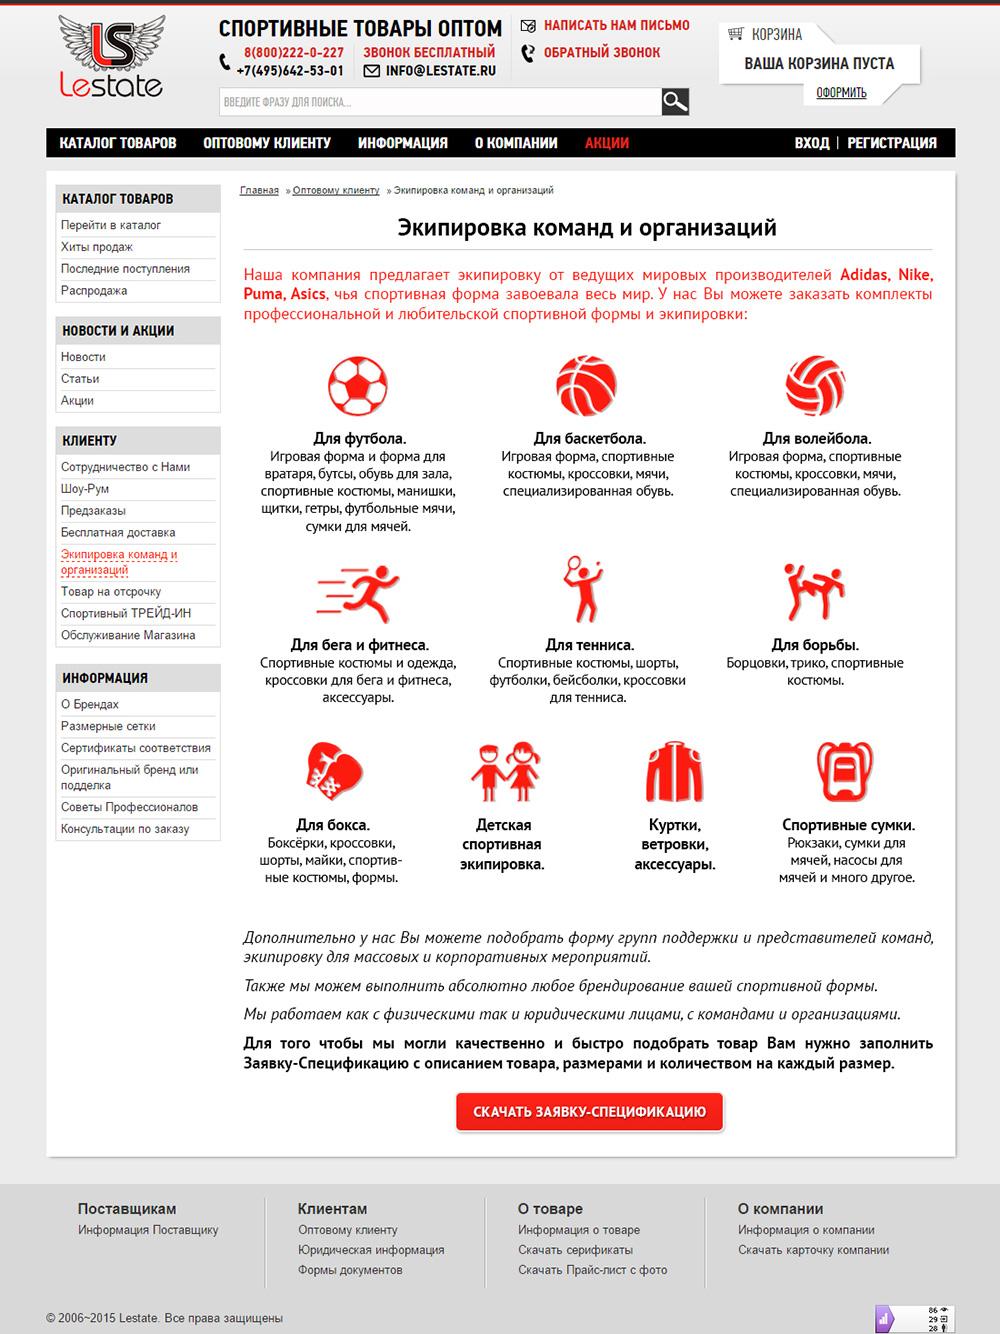 Сверстать одну страницу для сайта на MODX